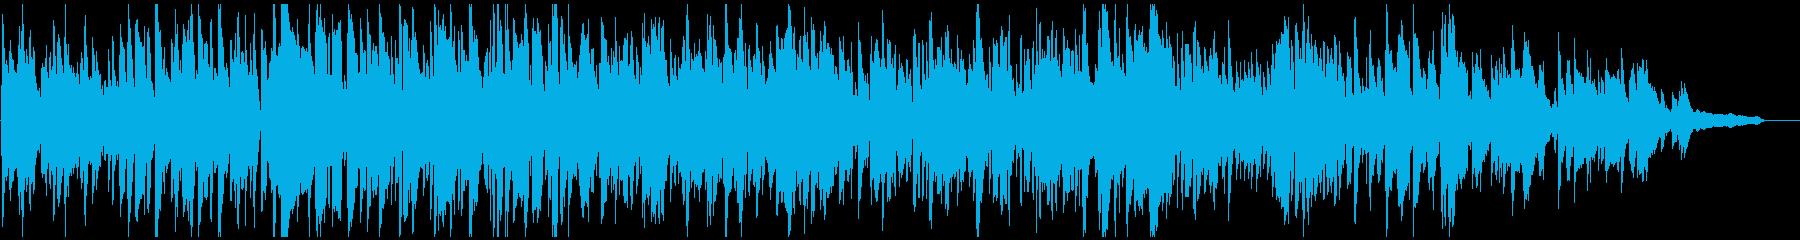 テナーサックス生演奏のボサノバ・ジャズの再生済みの波形